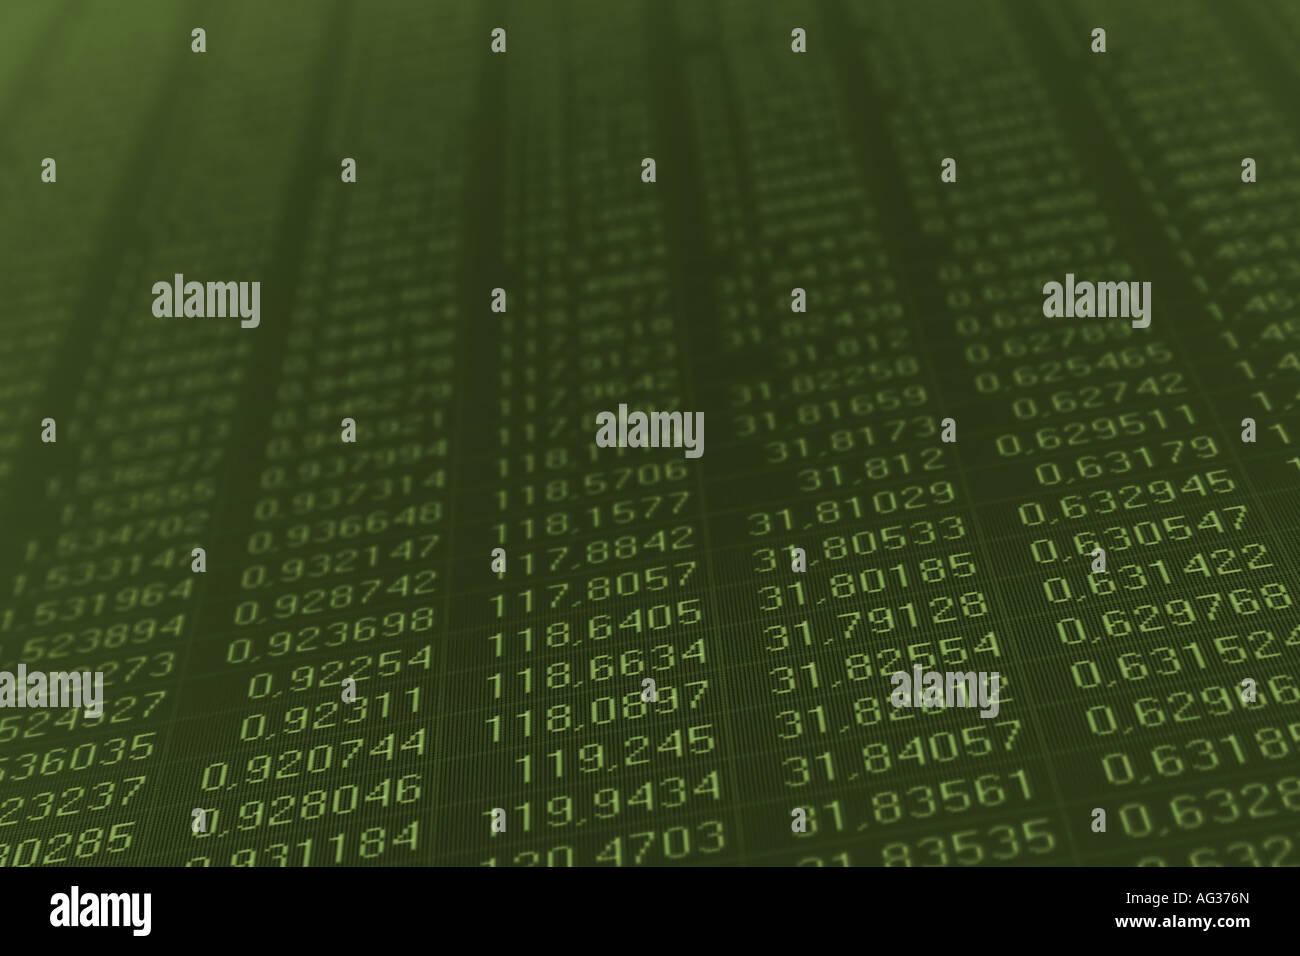 I numeri sul monitor di un computer dipinto in colore verde scuro Immagini Stock